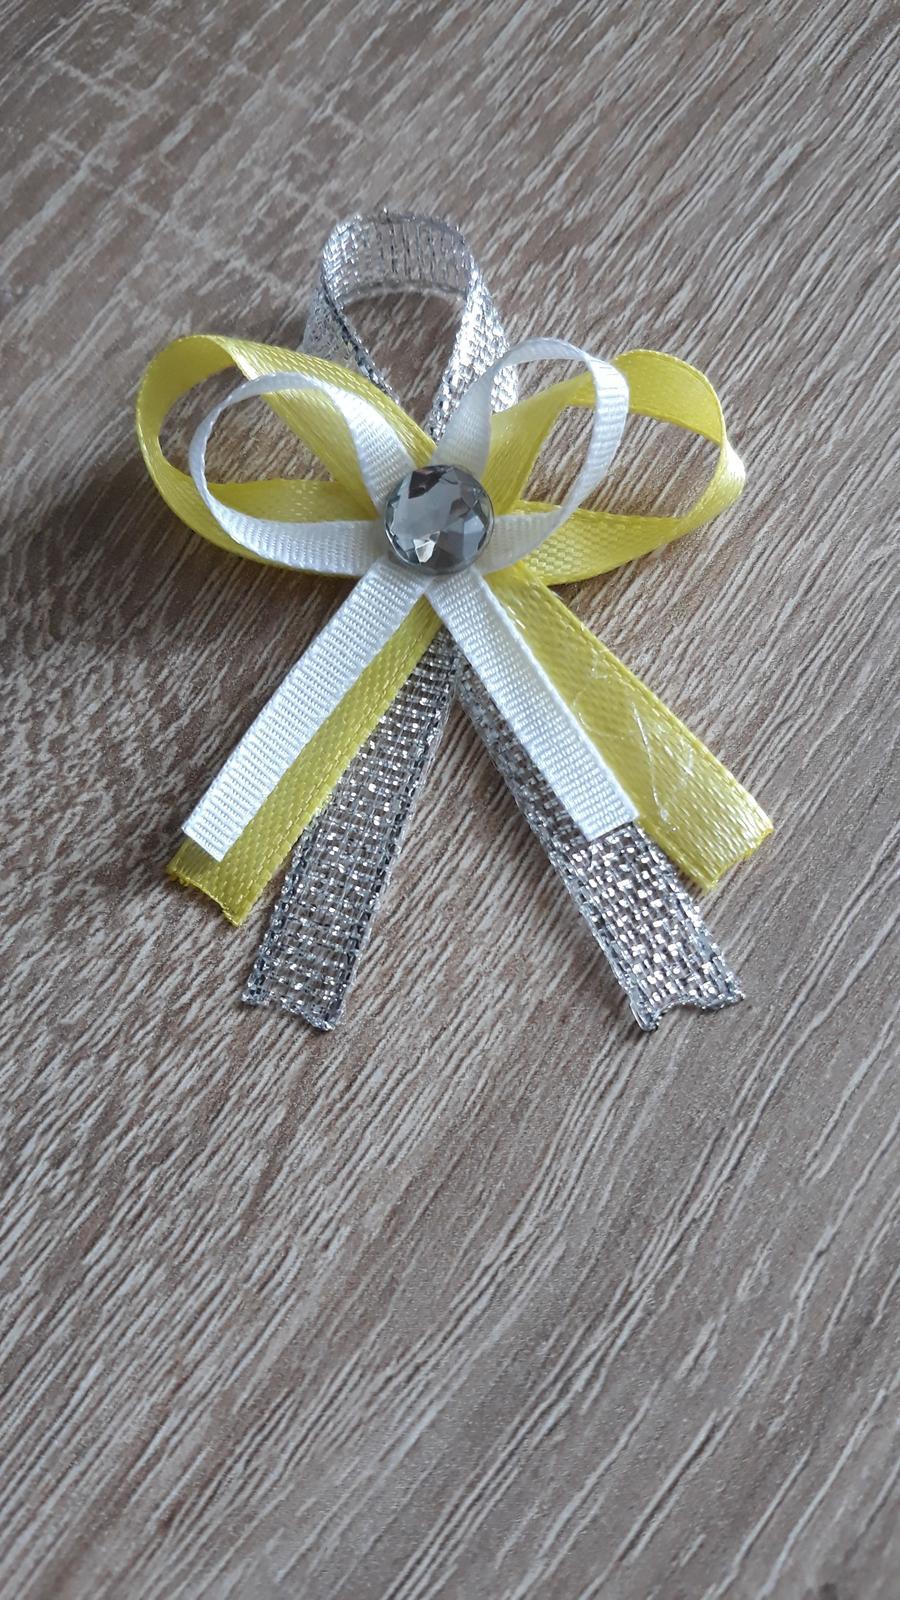 žluté vývazky - Obrázek č. 1